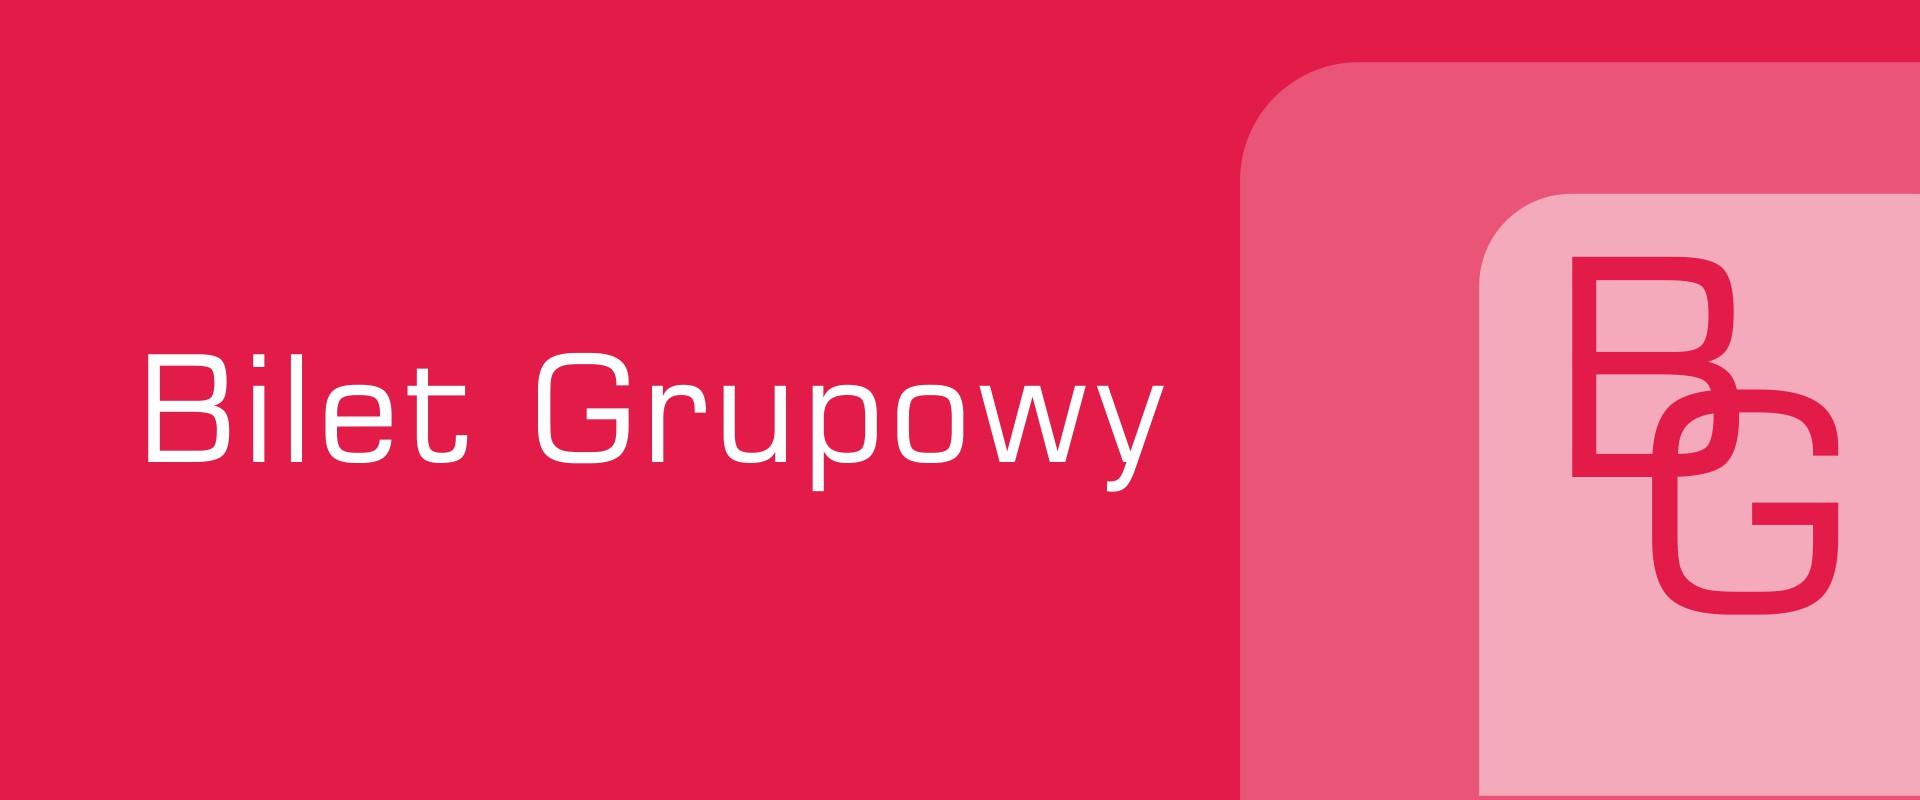 Bilet Grupowy